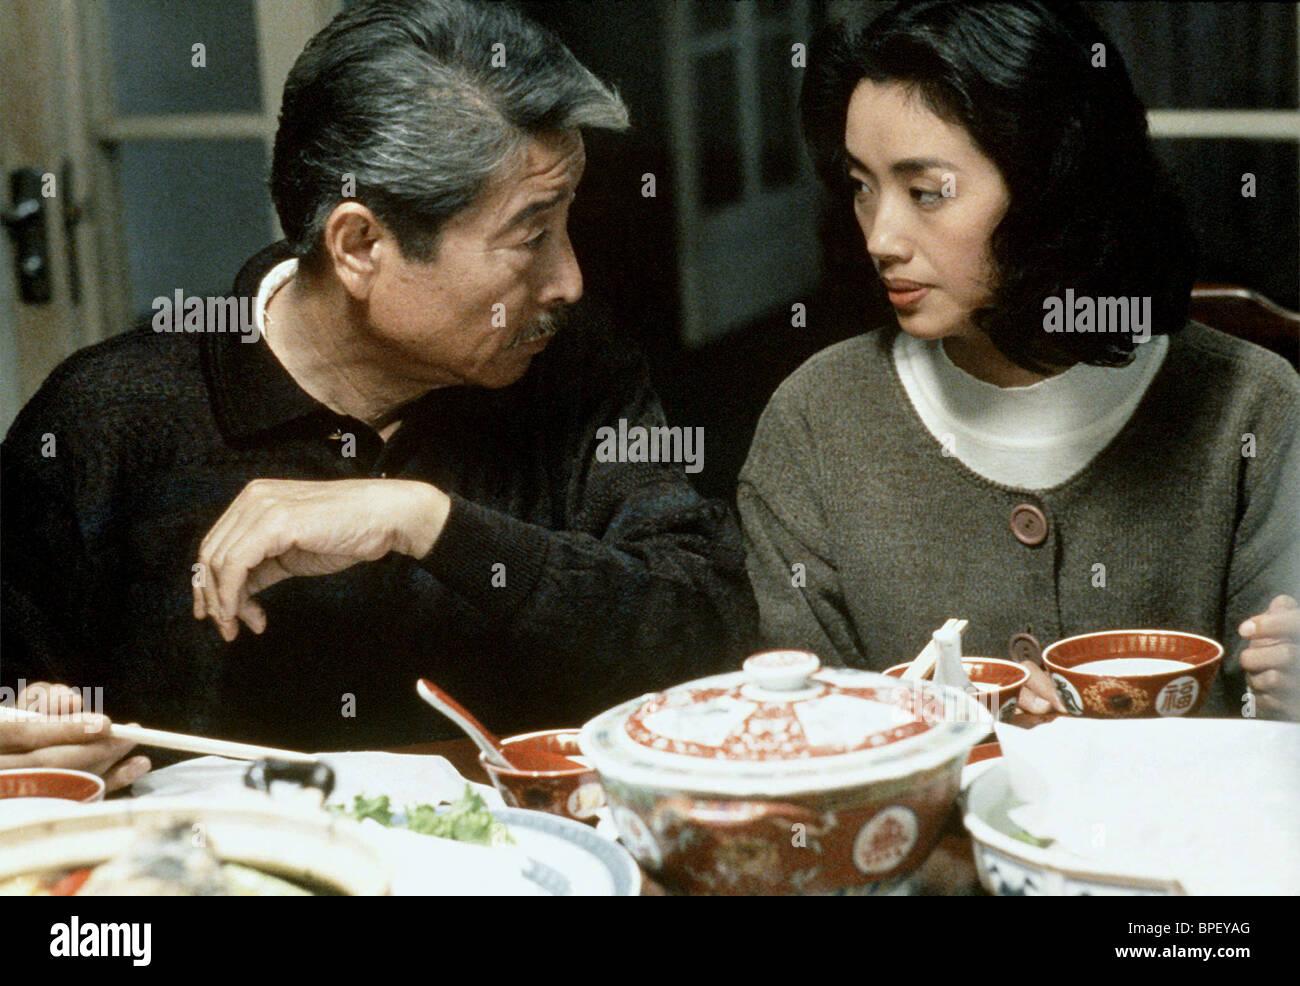 Amazon.com: Pushing Hands: Pamela Yang, Sihung Lung, Bo Z ... |Sihung Lung